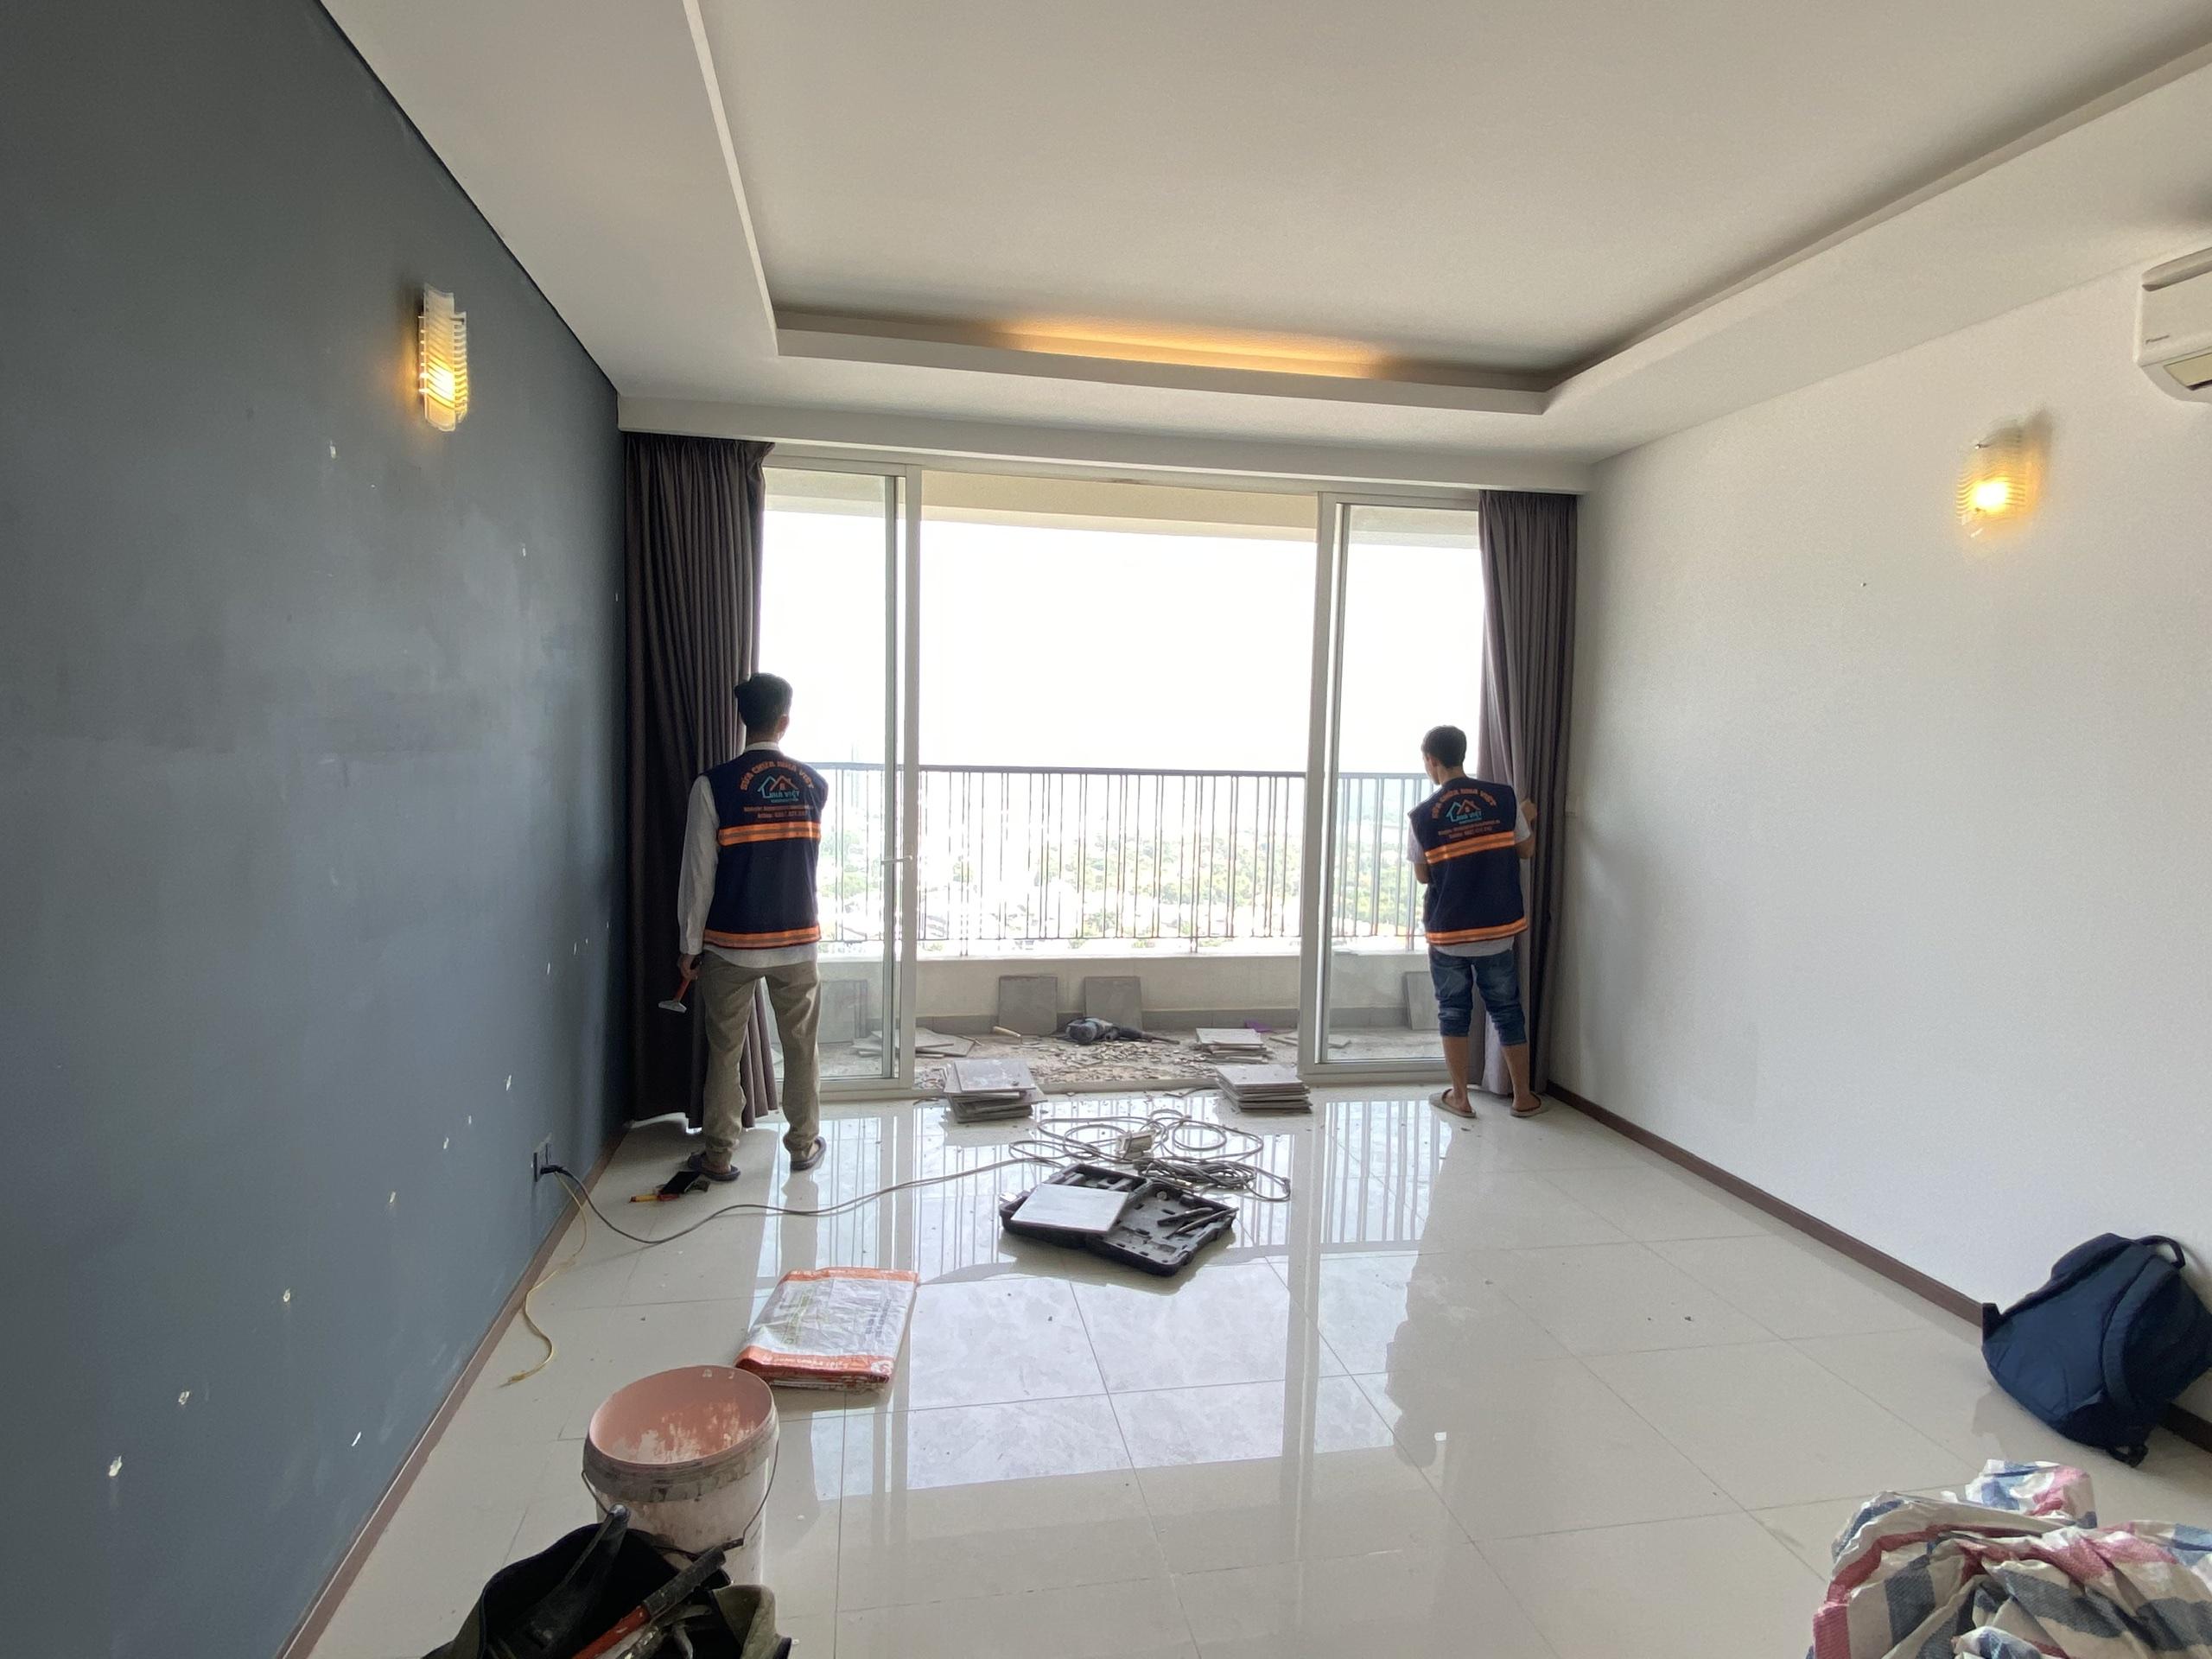 sua chua can ho chung cu tphcm 8 - Sửa chữa căn hộ chung cư TP Hồ Chí Minh trọn gói từ A-Z UY TÍN